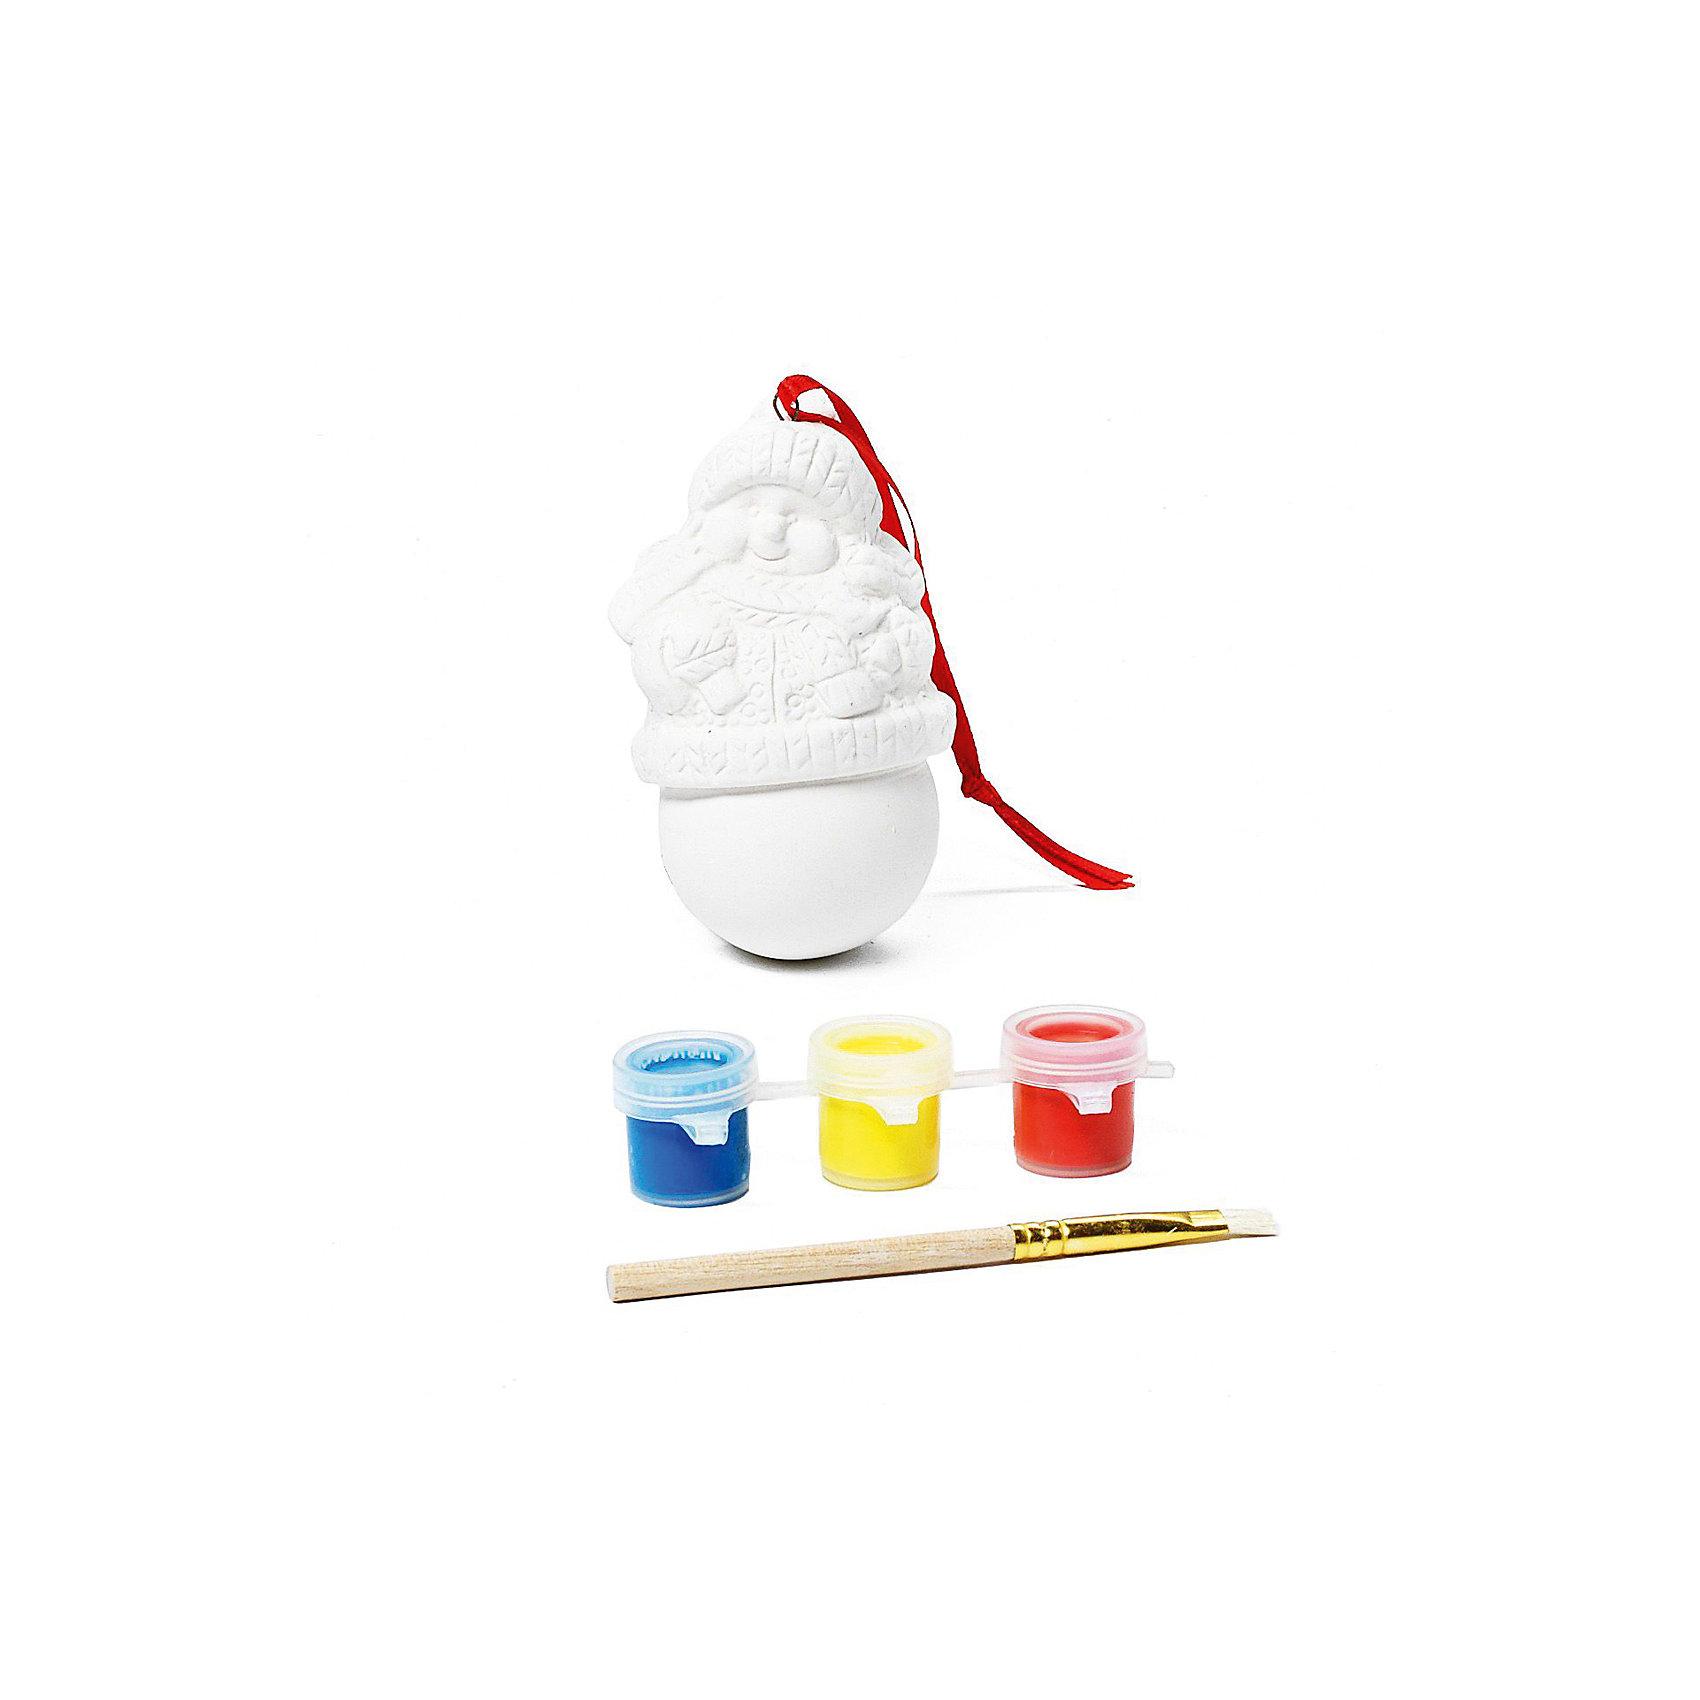 Набор для творчества Снеговик, BondibonНовогоднее творчество<br>Набор для творчества Снеговик, Bondibon (Бондибон). <br><br>Характеристика:<br><br>• Материал: керамика, пластик, акриловые краски. <br>• Размер упаковки: 12х5х15,5 см. <br>• Комплектация: фигурка для раскрашивания, разноцветные краски (3 шт.), кисточка.<br>• Набор развивает моторику рук, фантазию и внимание. <br><br>Предложите вашему ребенку самому поучаствовать в создании яркого ёлочного украшения, которое займёт достойное место на любой ёлке или же станет прекрасным новогодним сувениром, сделанным своими руками!<br>Набор для творчества от Bondibon - оригинальный и полезный подарок: создавая что-то красивое, ребенок получит массу удовольствия и положительных эмоций, а также разовьет моторику рук, фантазию, цветовосприятие и эстетический вкус.<br><br>Набор для творчества Снеговик, Bondibon (Бондибон), можно купить в нашем интернет-магазине.<br><br>Ширина мм: 120<br>Глубина мм: 55<br>Высота мм: 155<br>Вес г: 109<br>Возраст от месяцев: 60<br>Возраст до месяцев: 1188<br>Пол: Унисекс<br>Возраст: Детский<br>SKU: 5124527